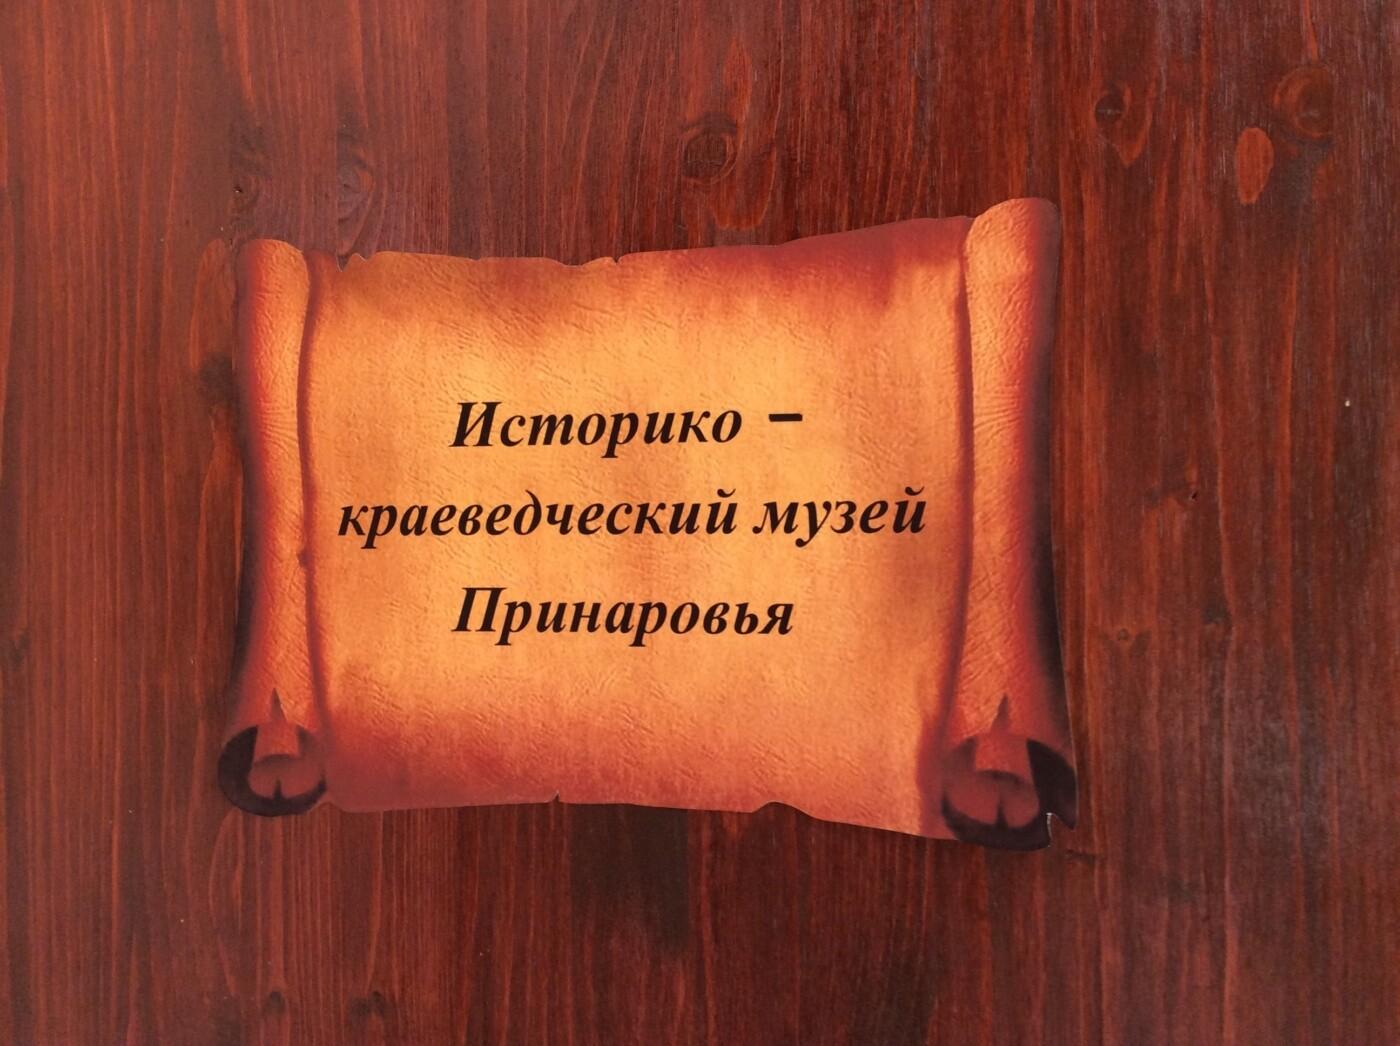 Комната, где скрыты сокровища. Историко-краеведческий музей Принаровья